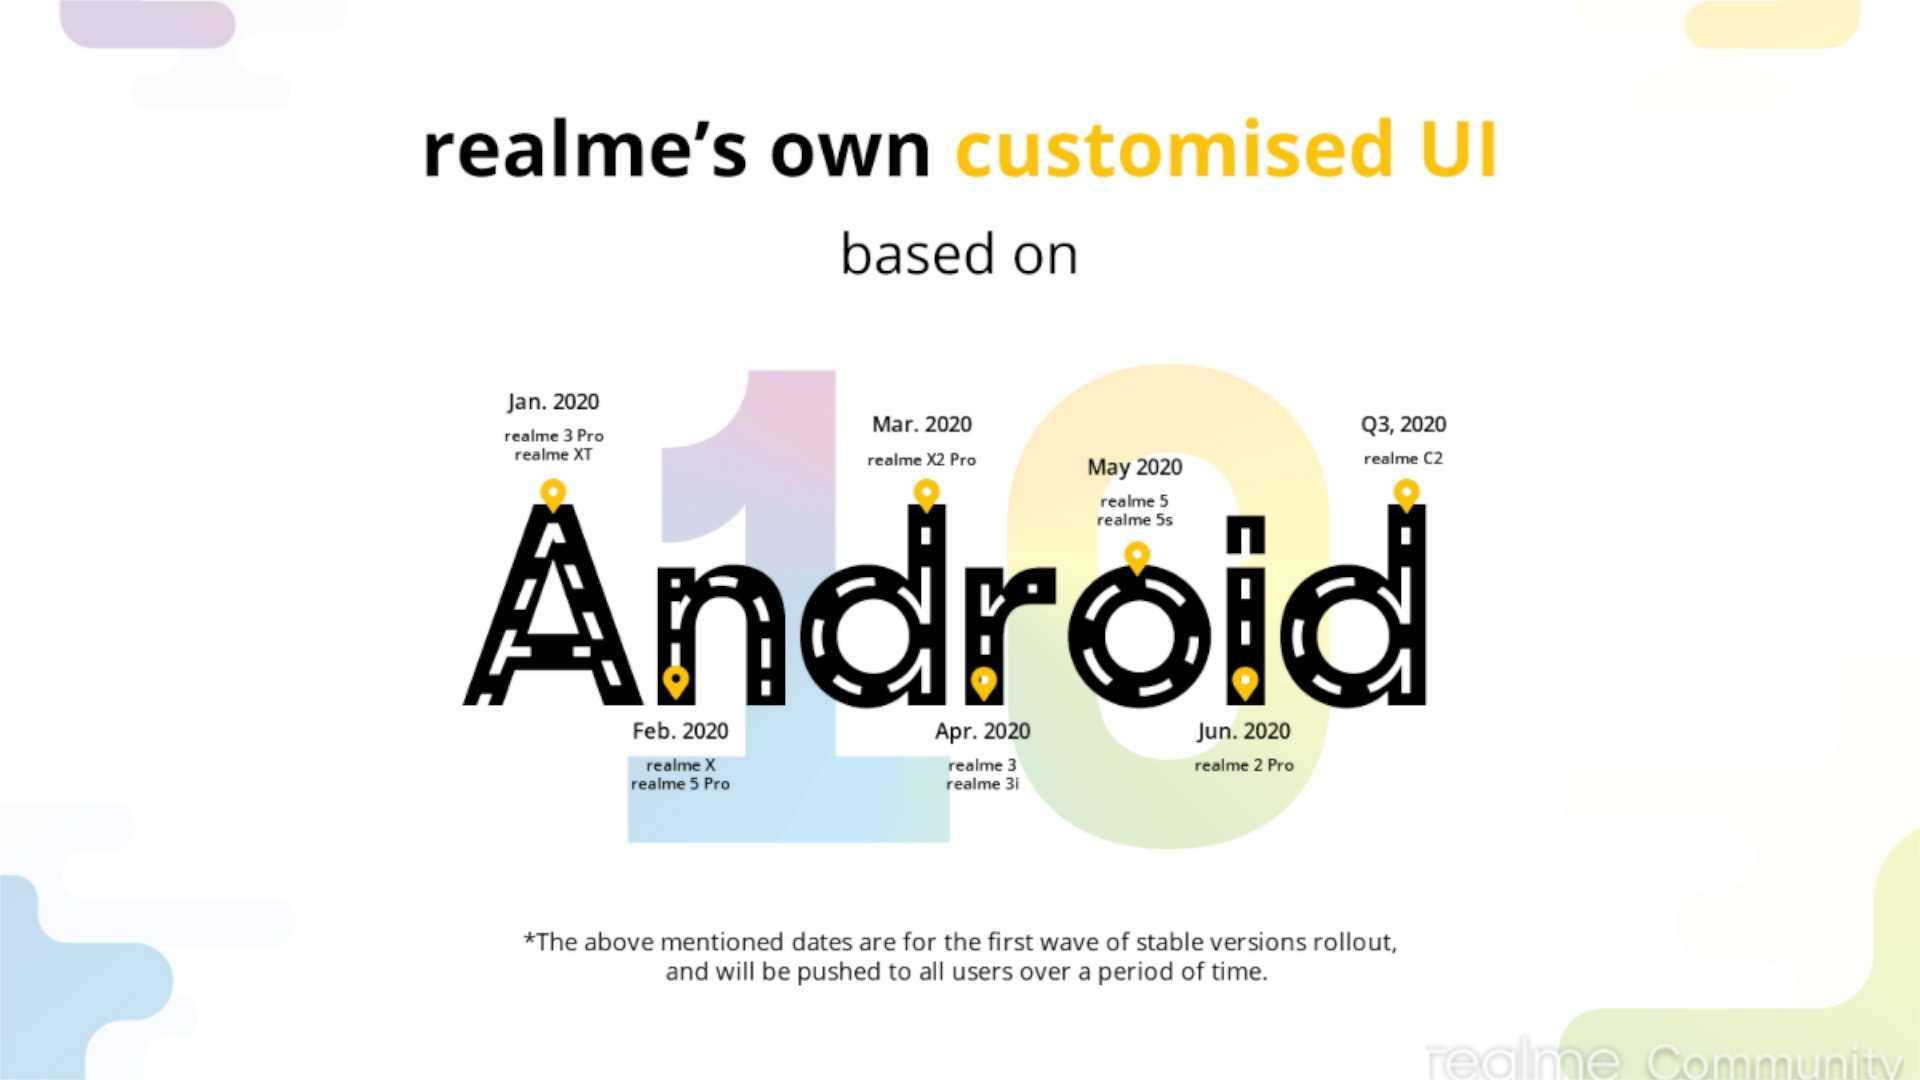 Российская версия сверхдешевого смартфона realme c3 окажется лучше международной - cnews